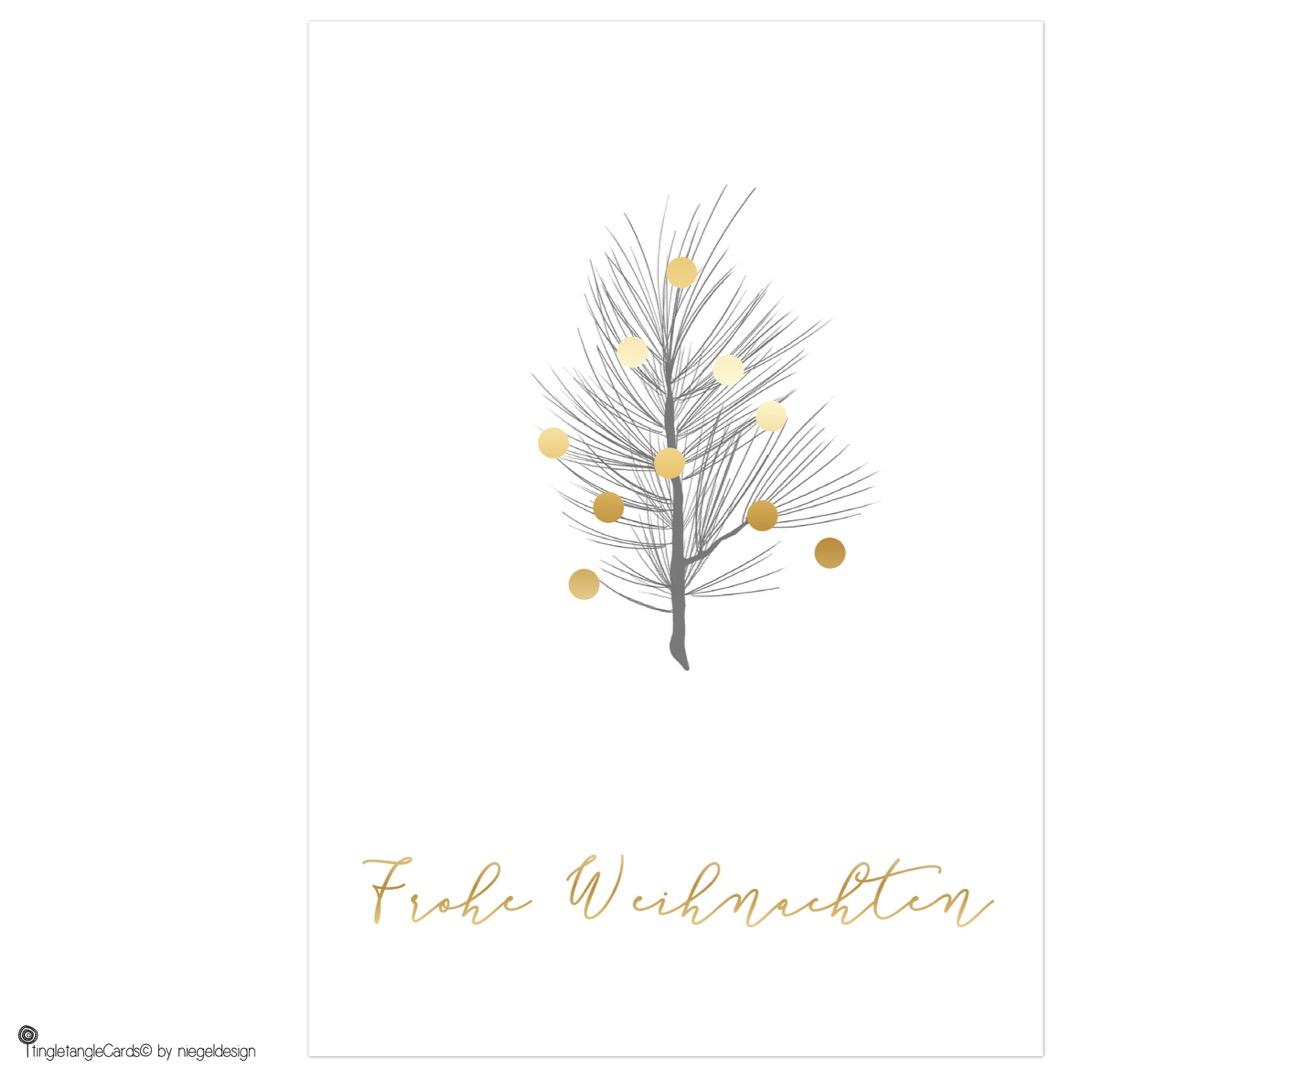 Kiefernzweig - Christmas Card 2